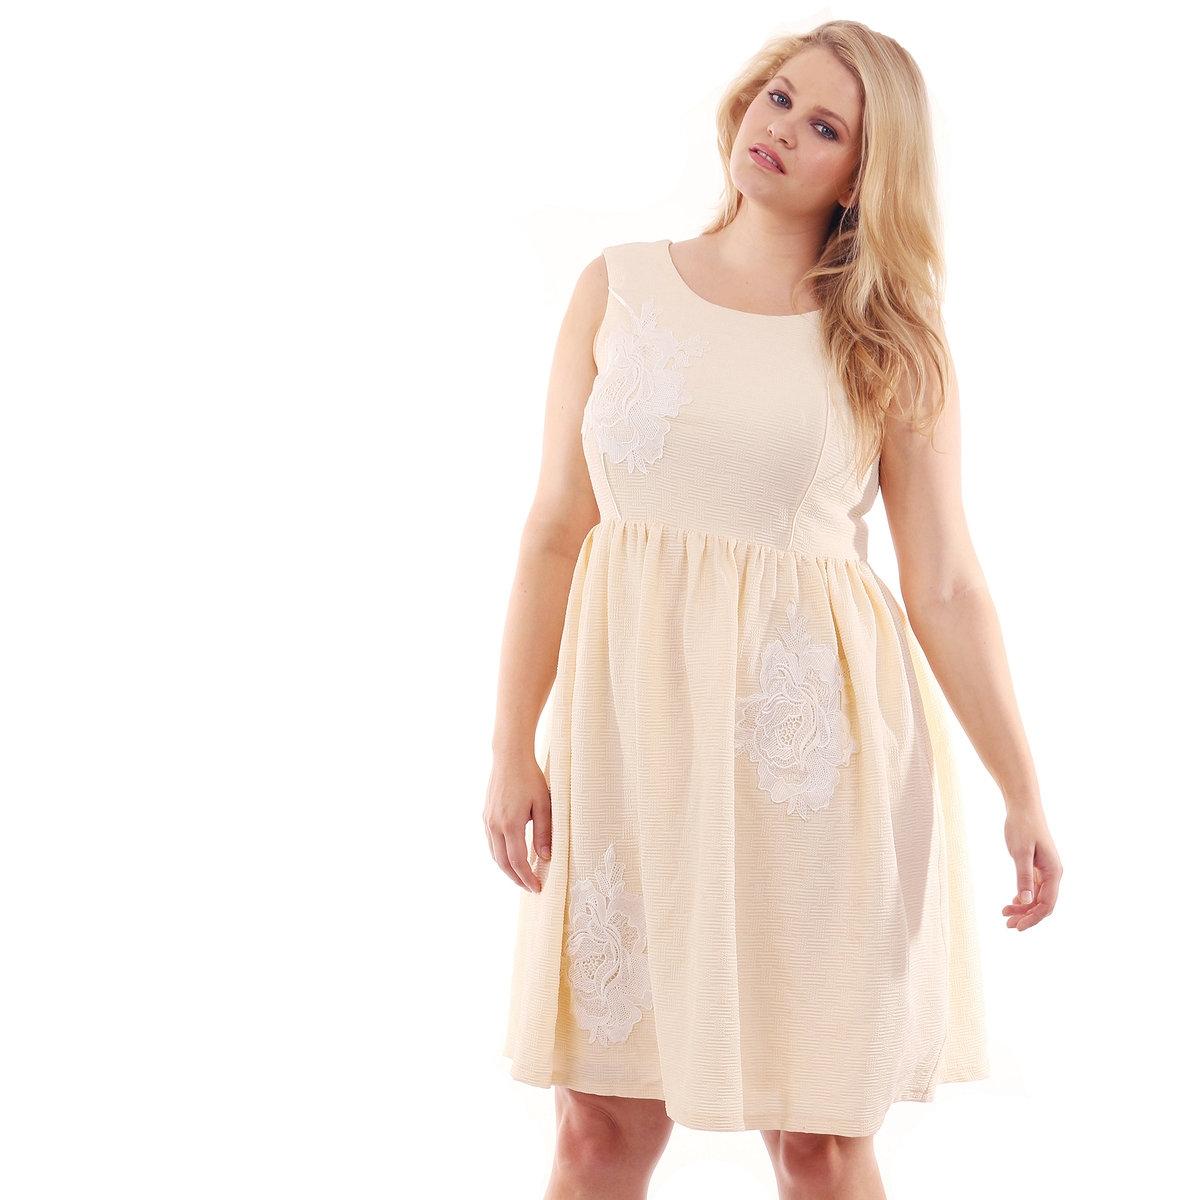 ПлатьеПлатье однотонное с орнаментом LOVEDROBE, без рукава, длина ок.94 см . 100% полиэстер<br><br>Цвет: желтый